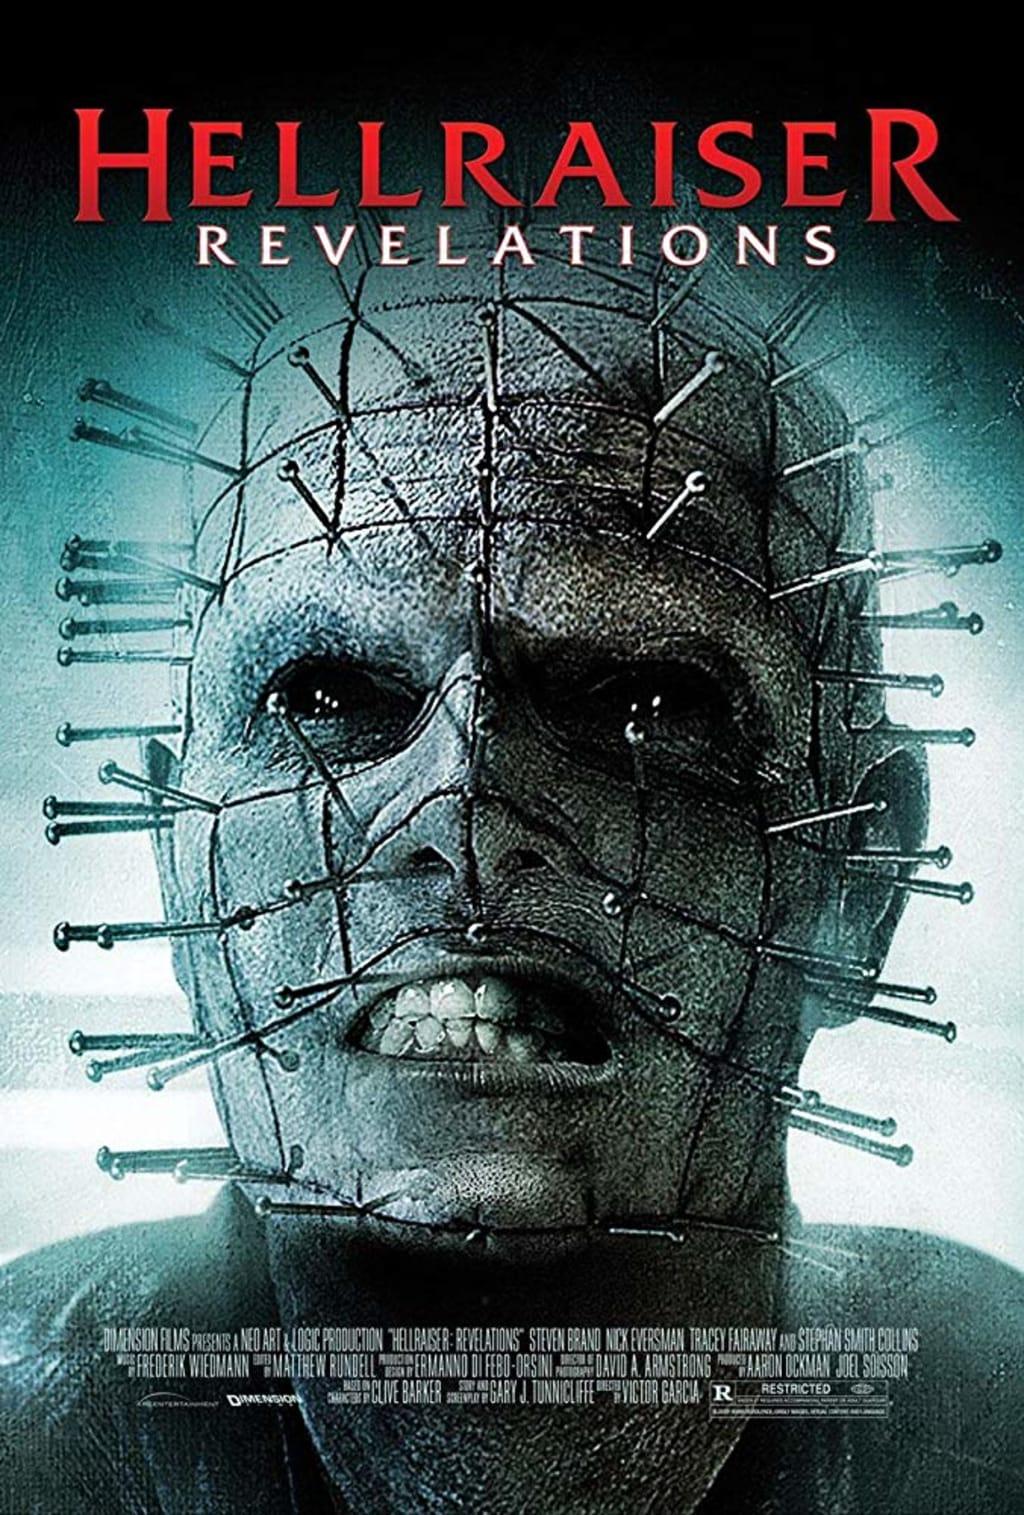 Reed Alexander's Horror Review of 'Hellraiser: Revelations' (2011)